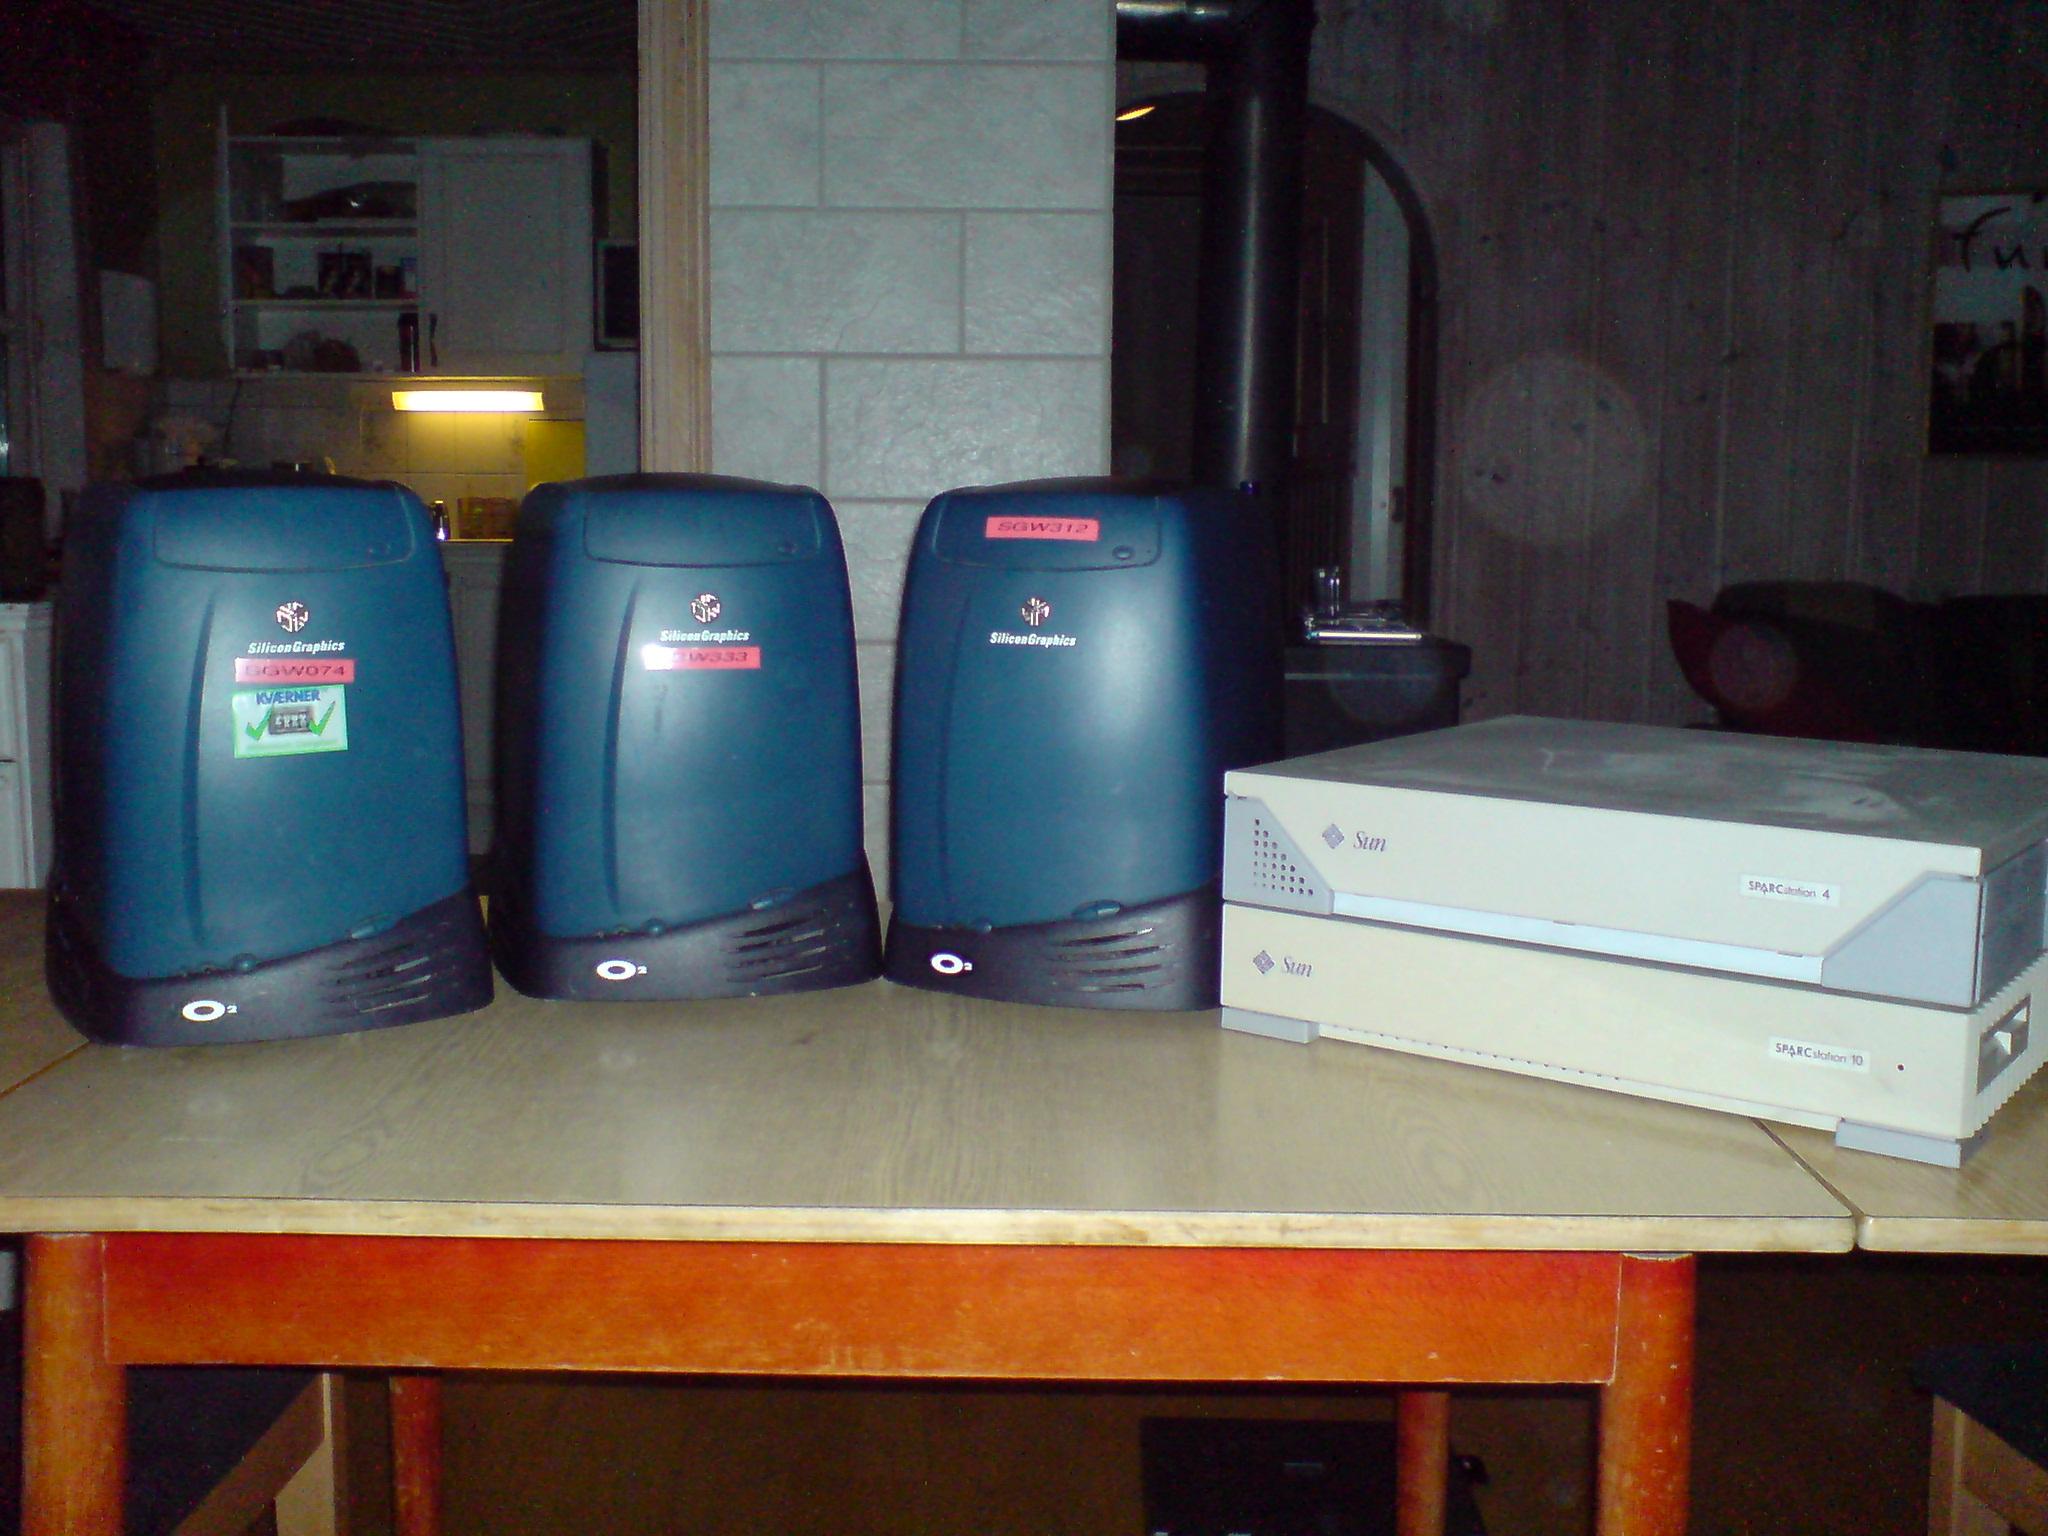 SGI O2 og SPARCStation 4 og SPARCStation 10